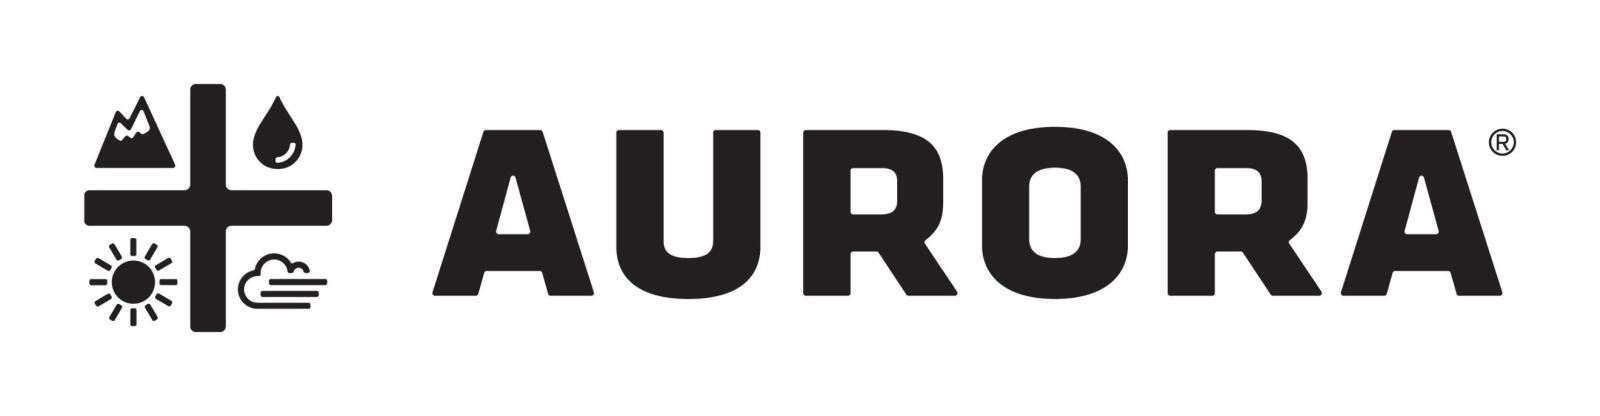 Aurora    Brand